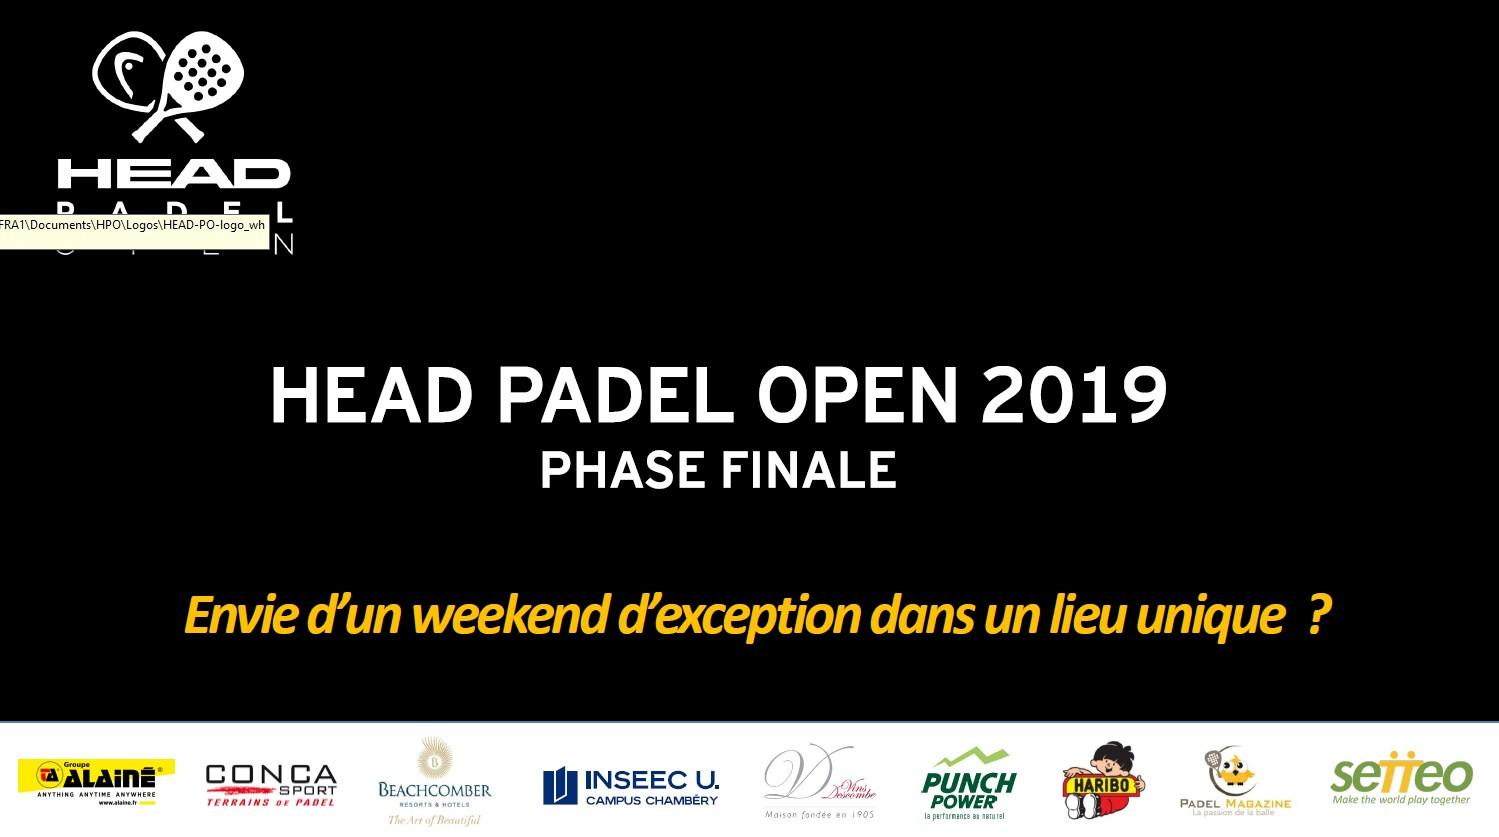 Le fasi finali di Head Padel Aperto 2019: D-2